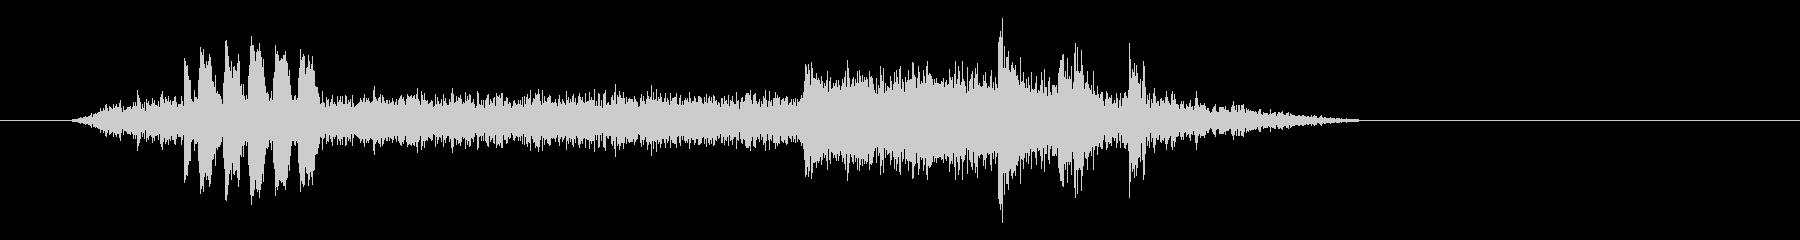 メトロバルセロナヴァゴンの未再生の波形